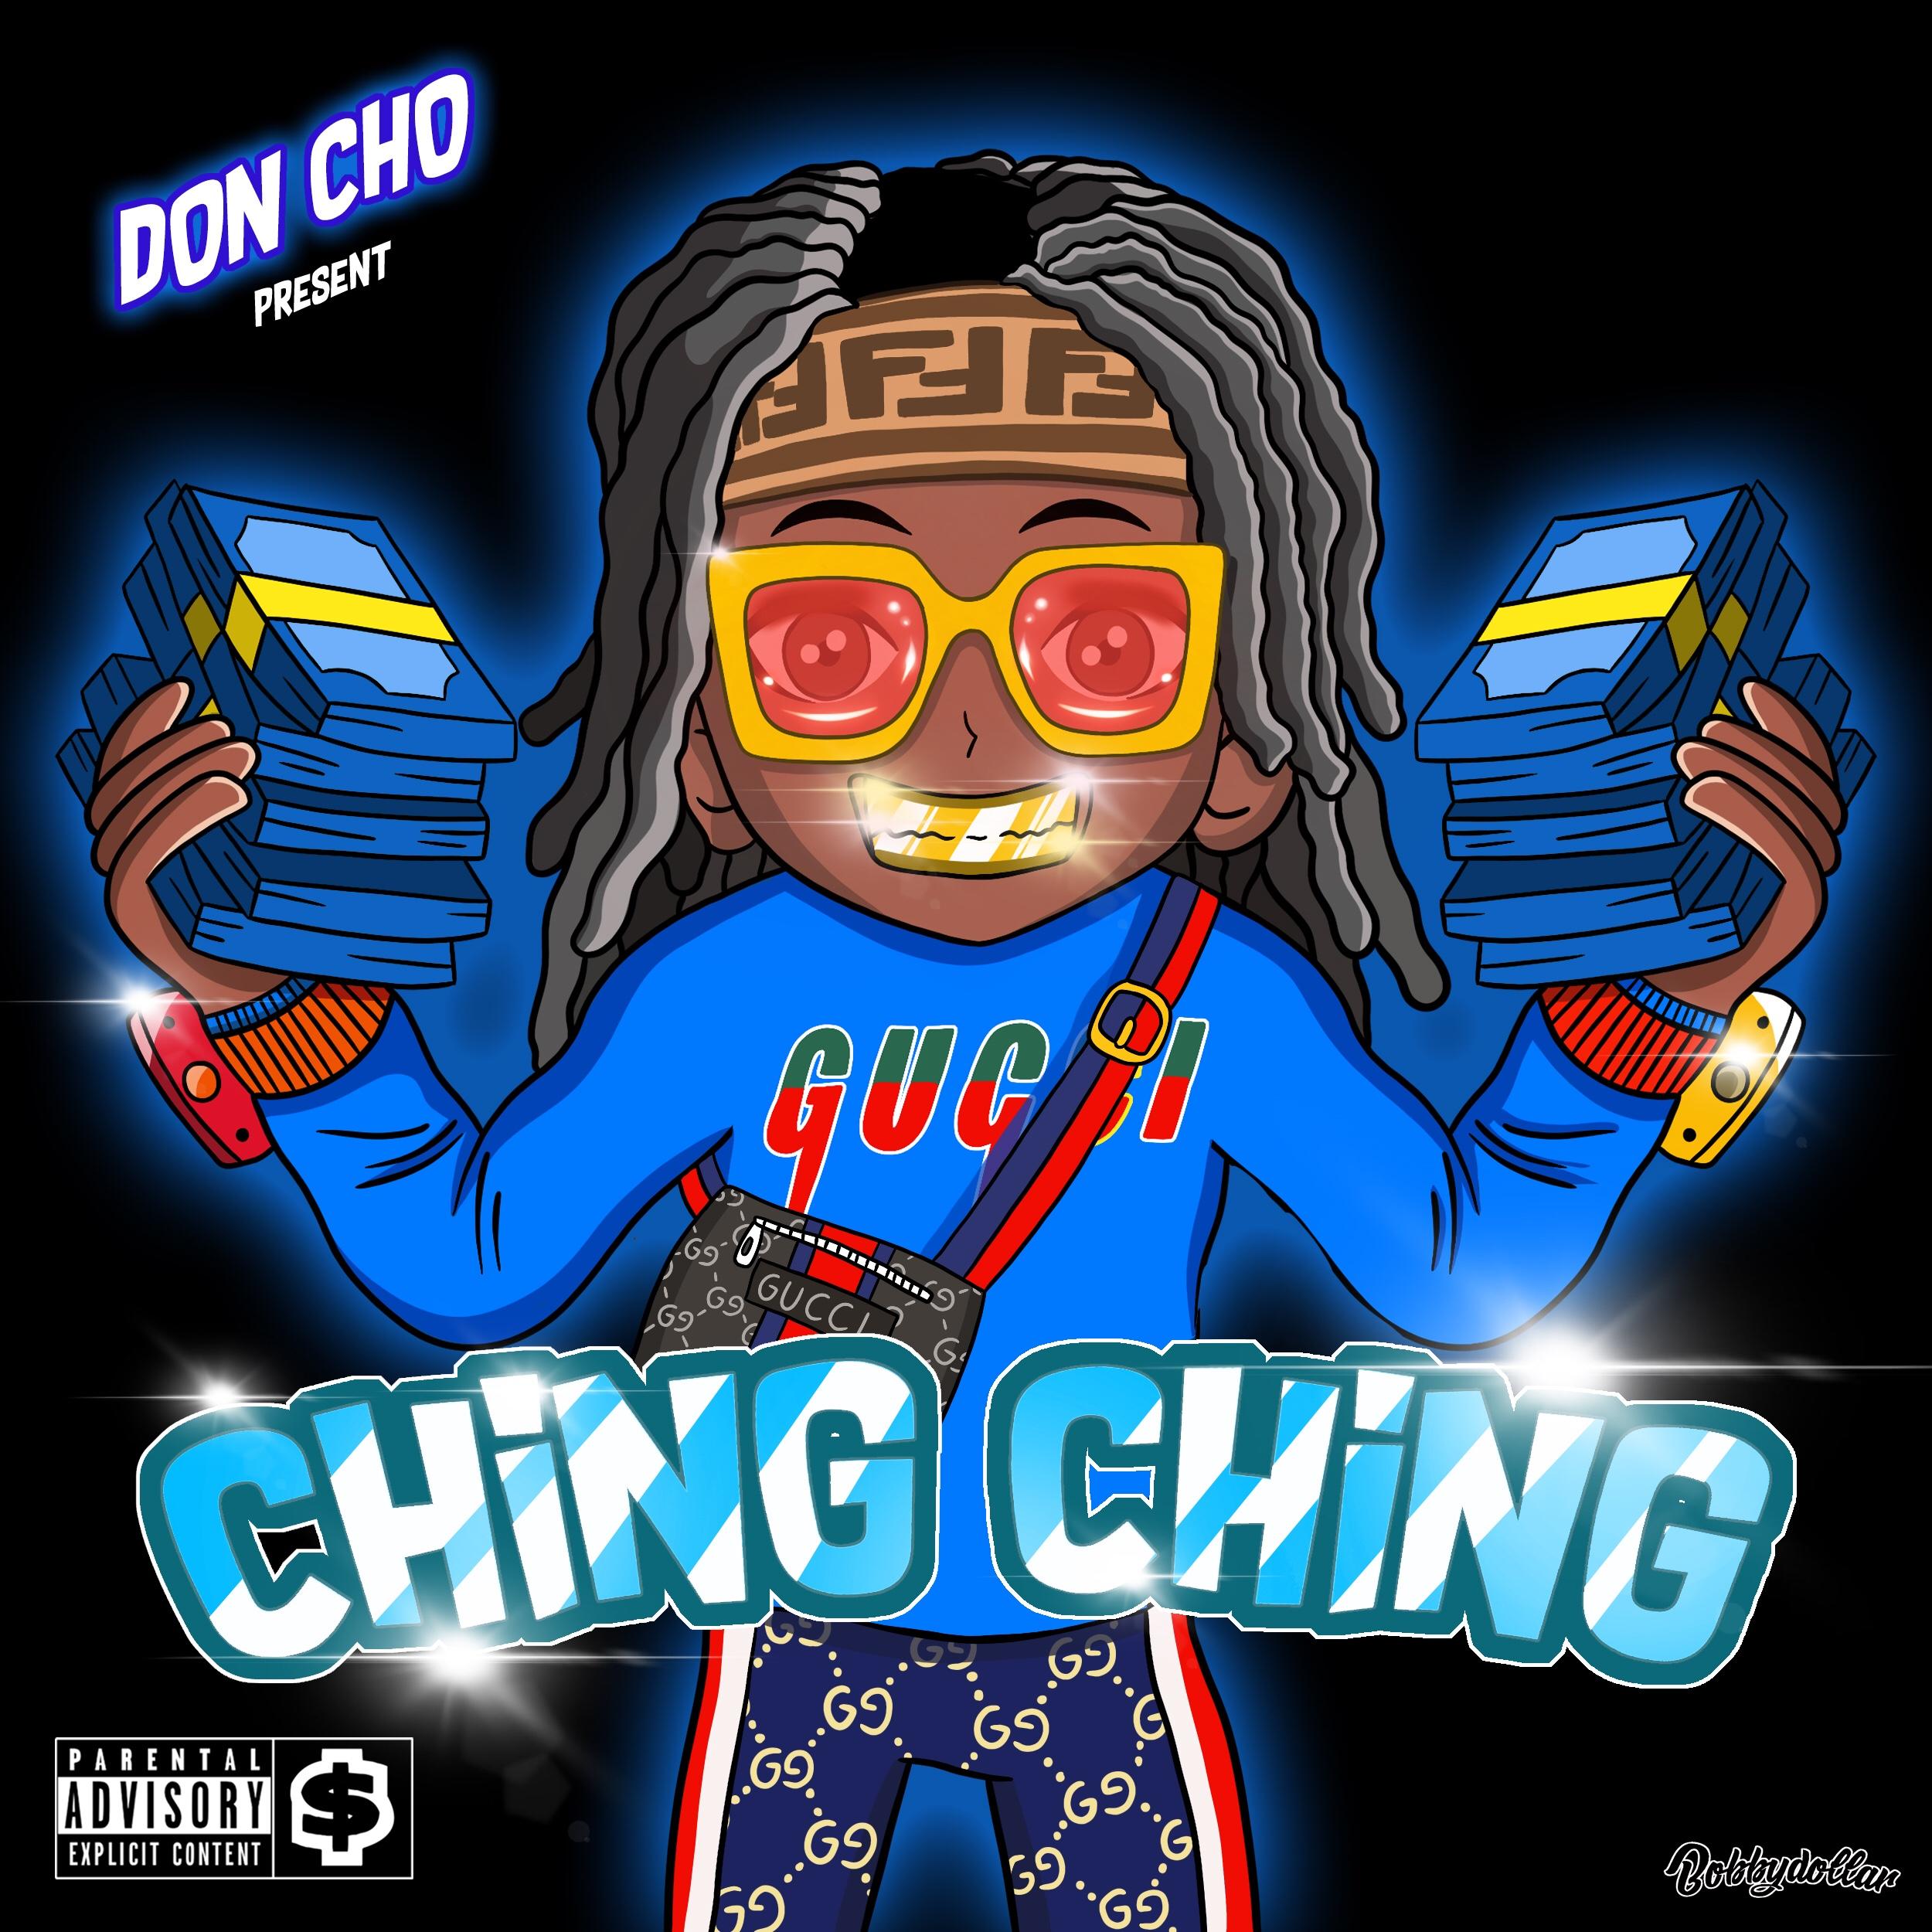 Smbcho-chingching